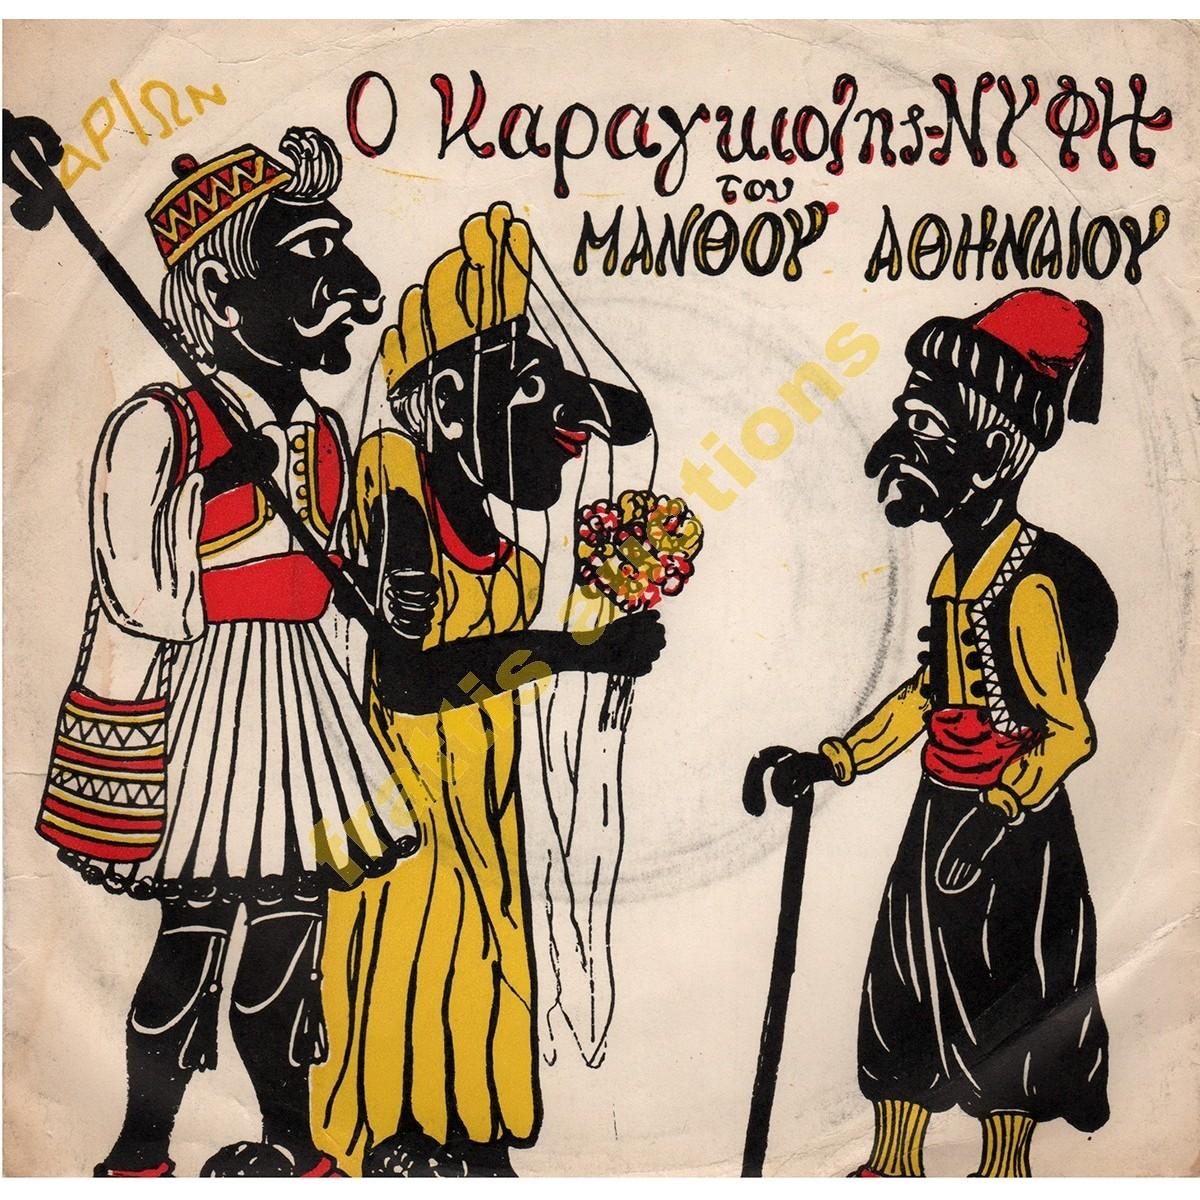 Ο Καραγκιόζης Νύφη, Μάνθος Αθηναίος, Δισκάκι.